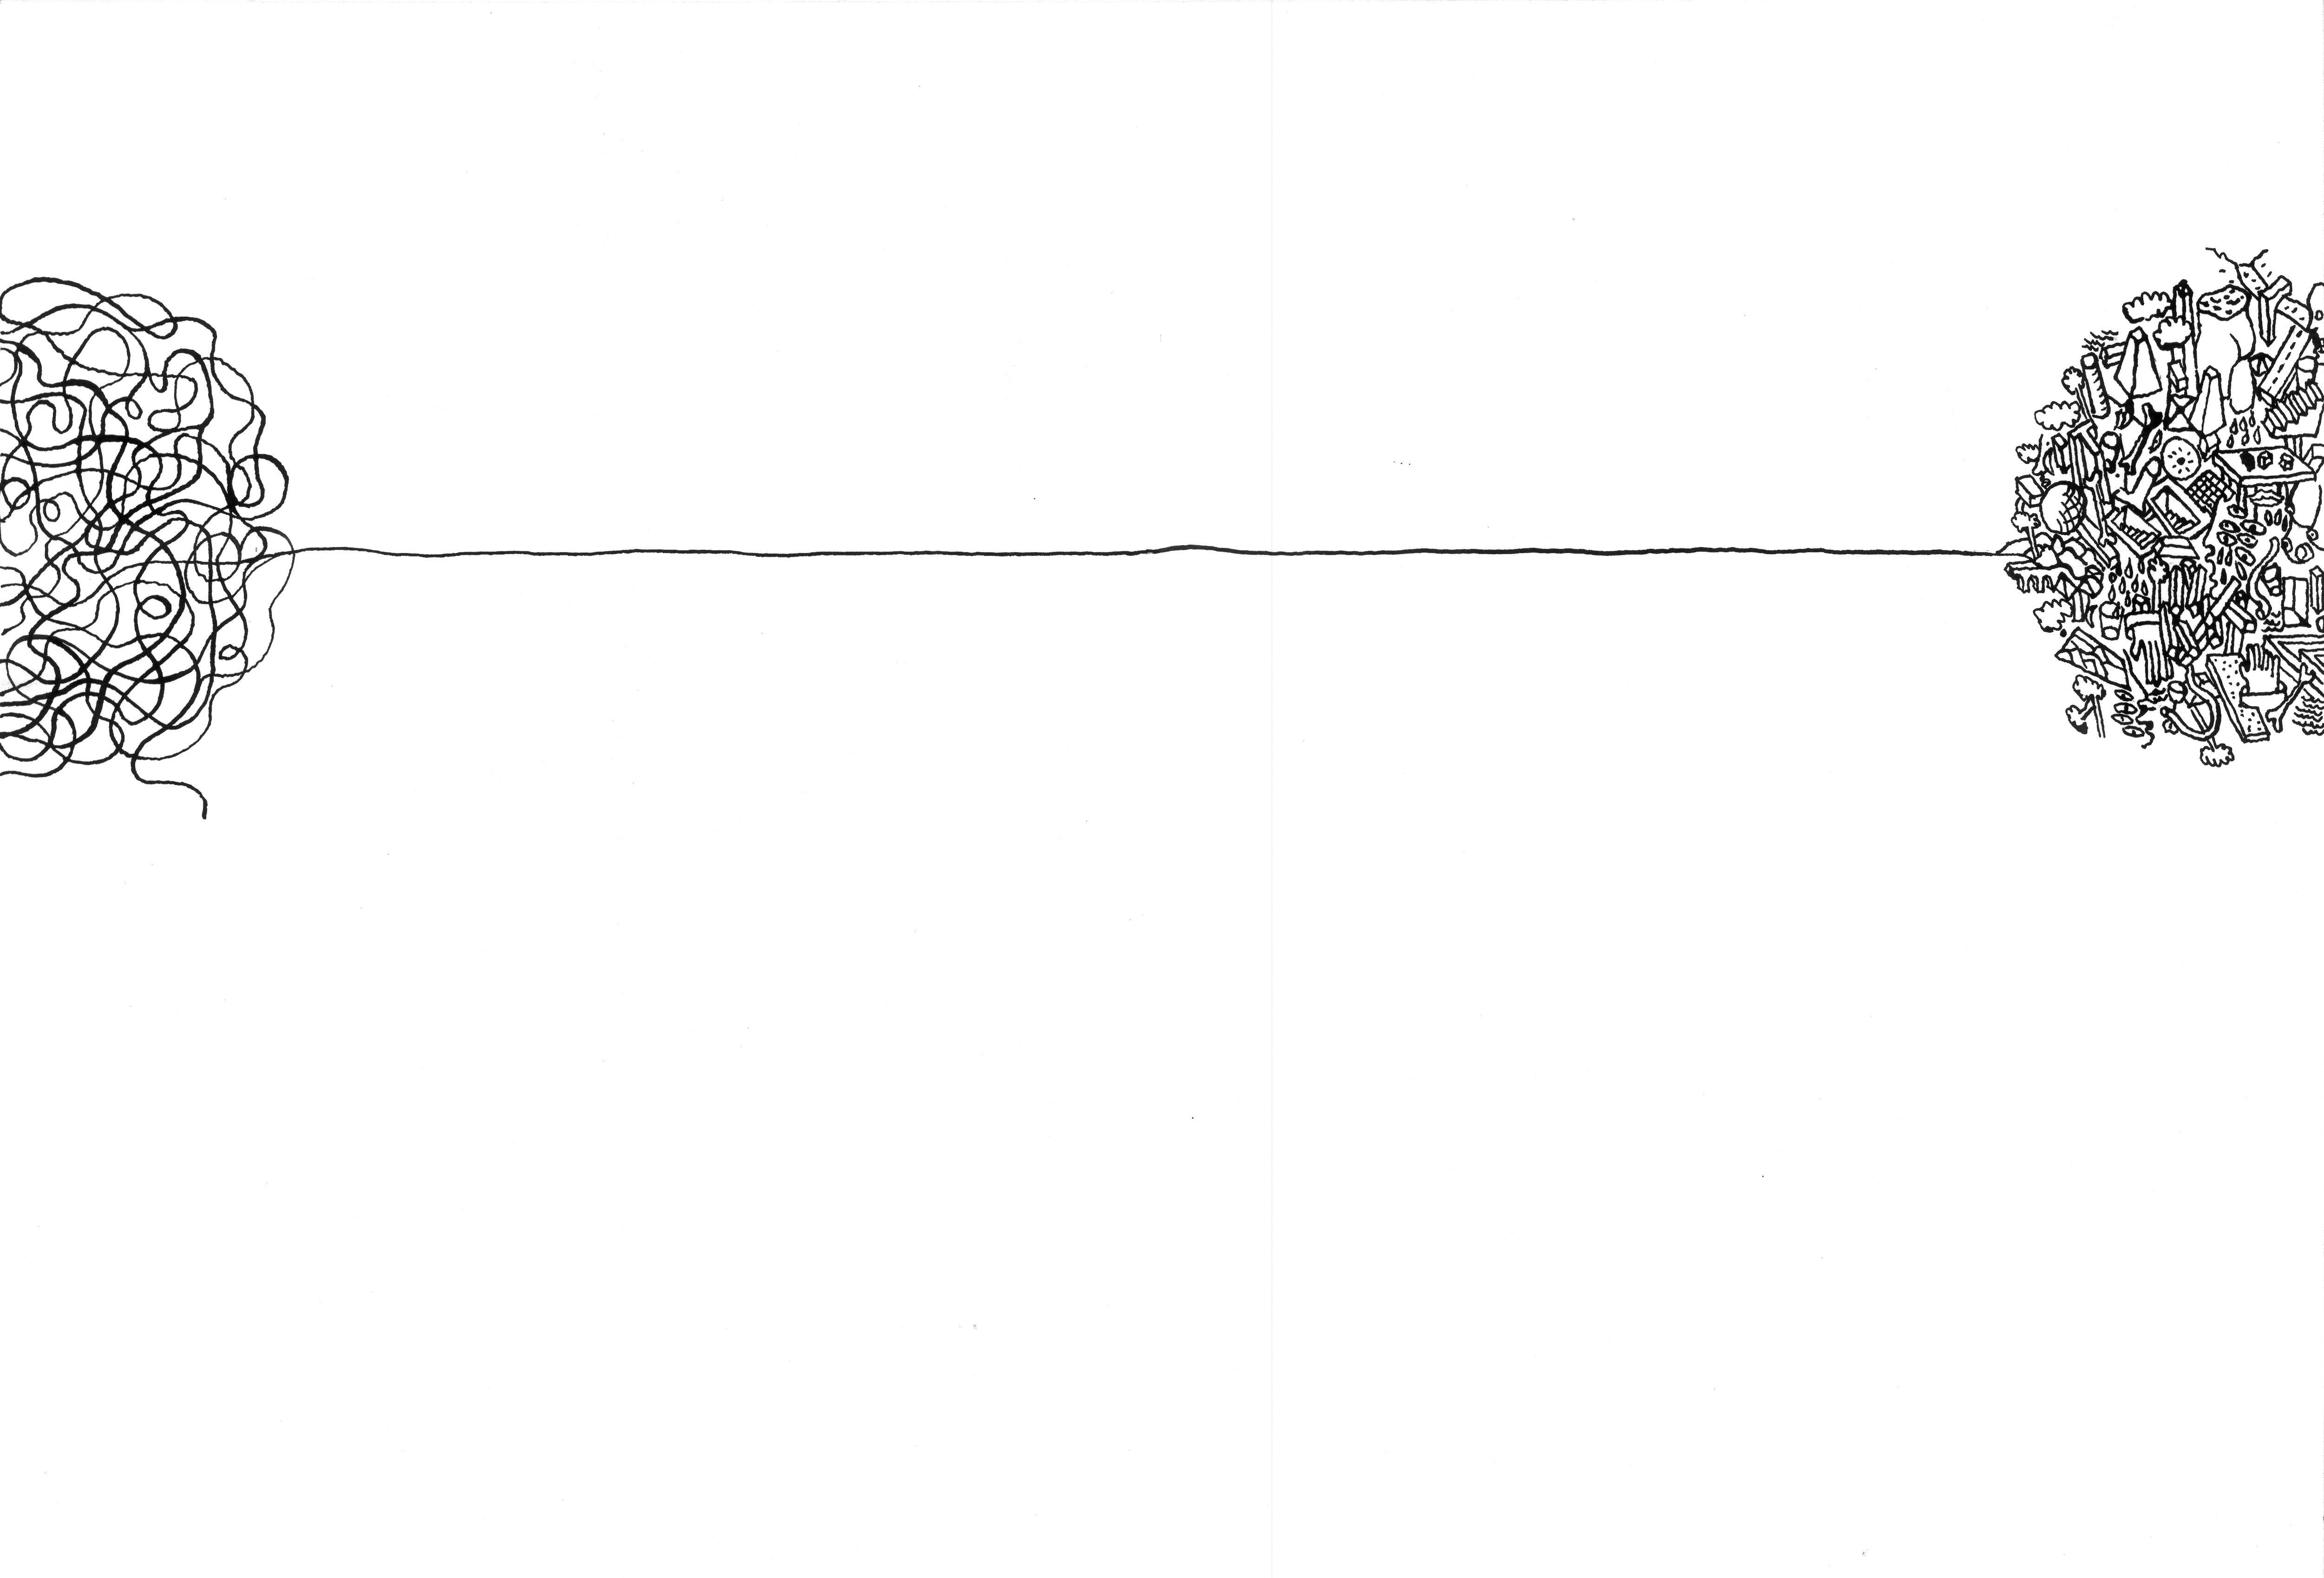 """Illustrazione di Vincenzo D'Alba realizzata per i """"Quaderni di Varia Cultura"""" della Fondazione Gianfranco Dioguardi. Courtesy A.A.M. Architettura Arte Moderna Collezione Francesco Moschini e Gabriel Vaduva"""